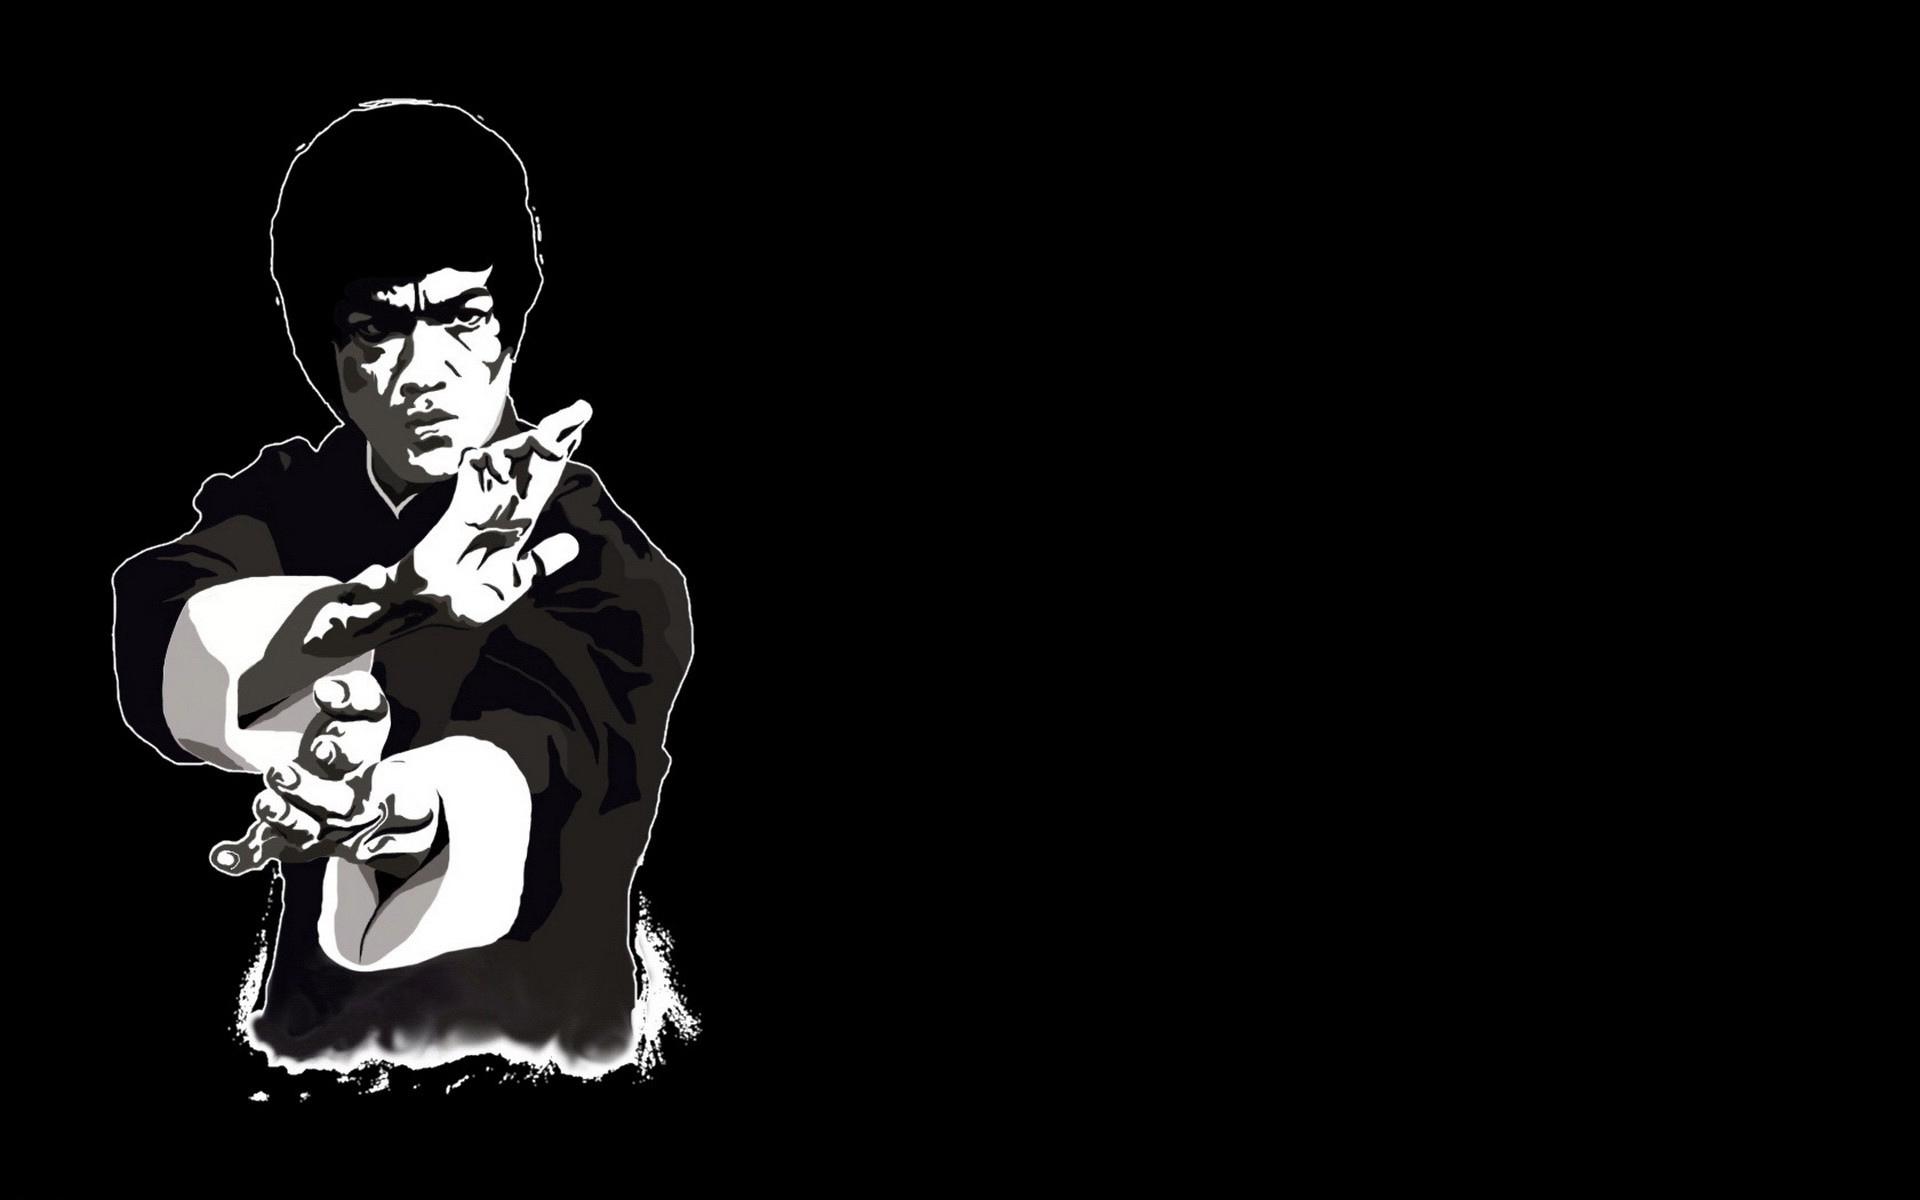 Bruce Lee Images Free Download Pixelstalk Bruce Lee Hd Wallpapers